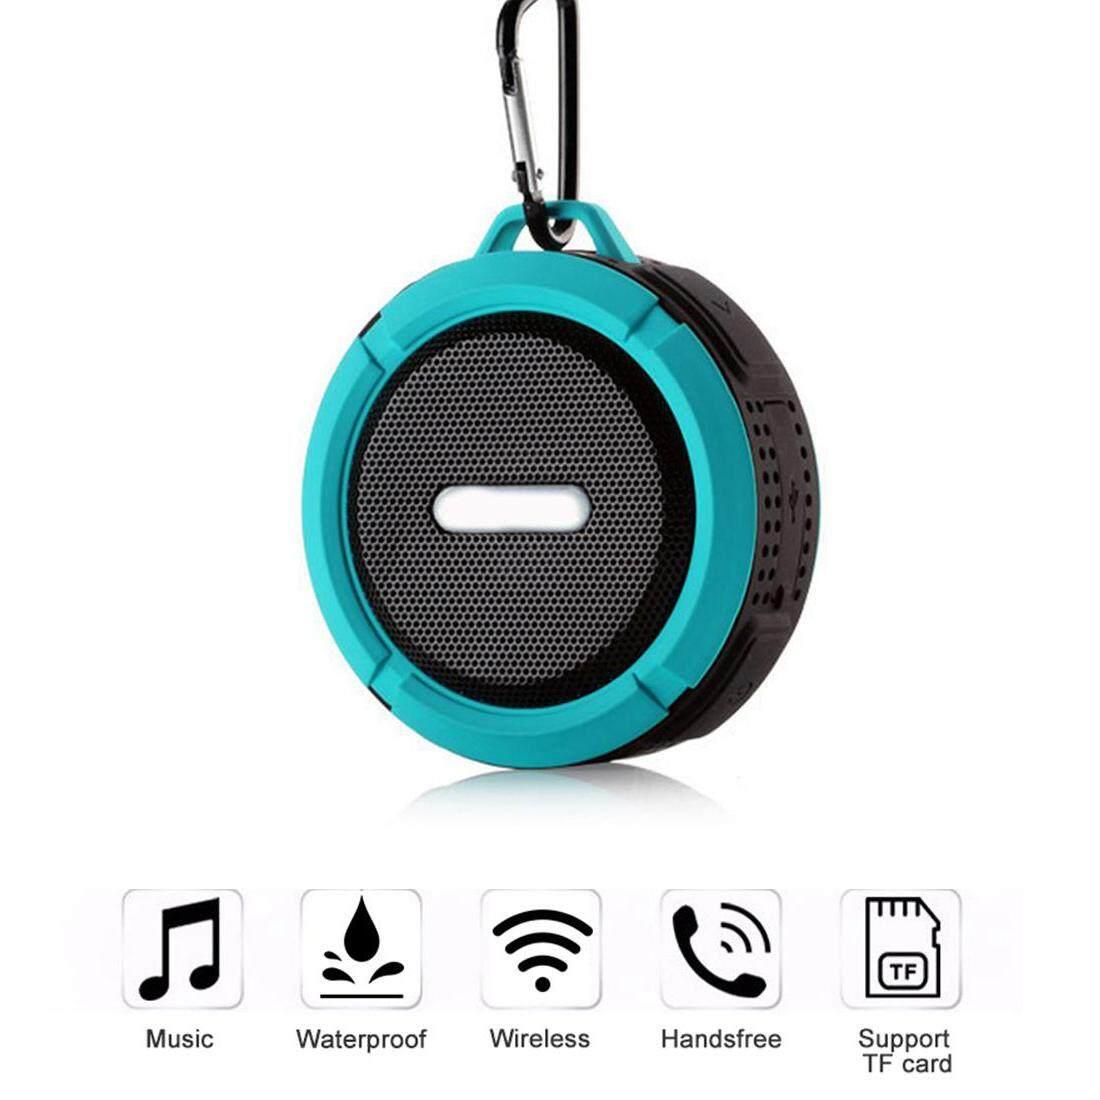 Aolvo Di Động IPX65 Chống Nước Không Dây Ngoài Trời Bass Loa Bluetooth 4.0 Stereo Chống Sốc Hỗ Trợ Thẻ TF